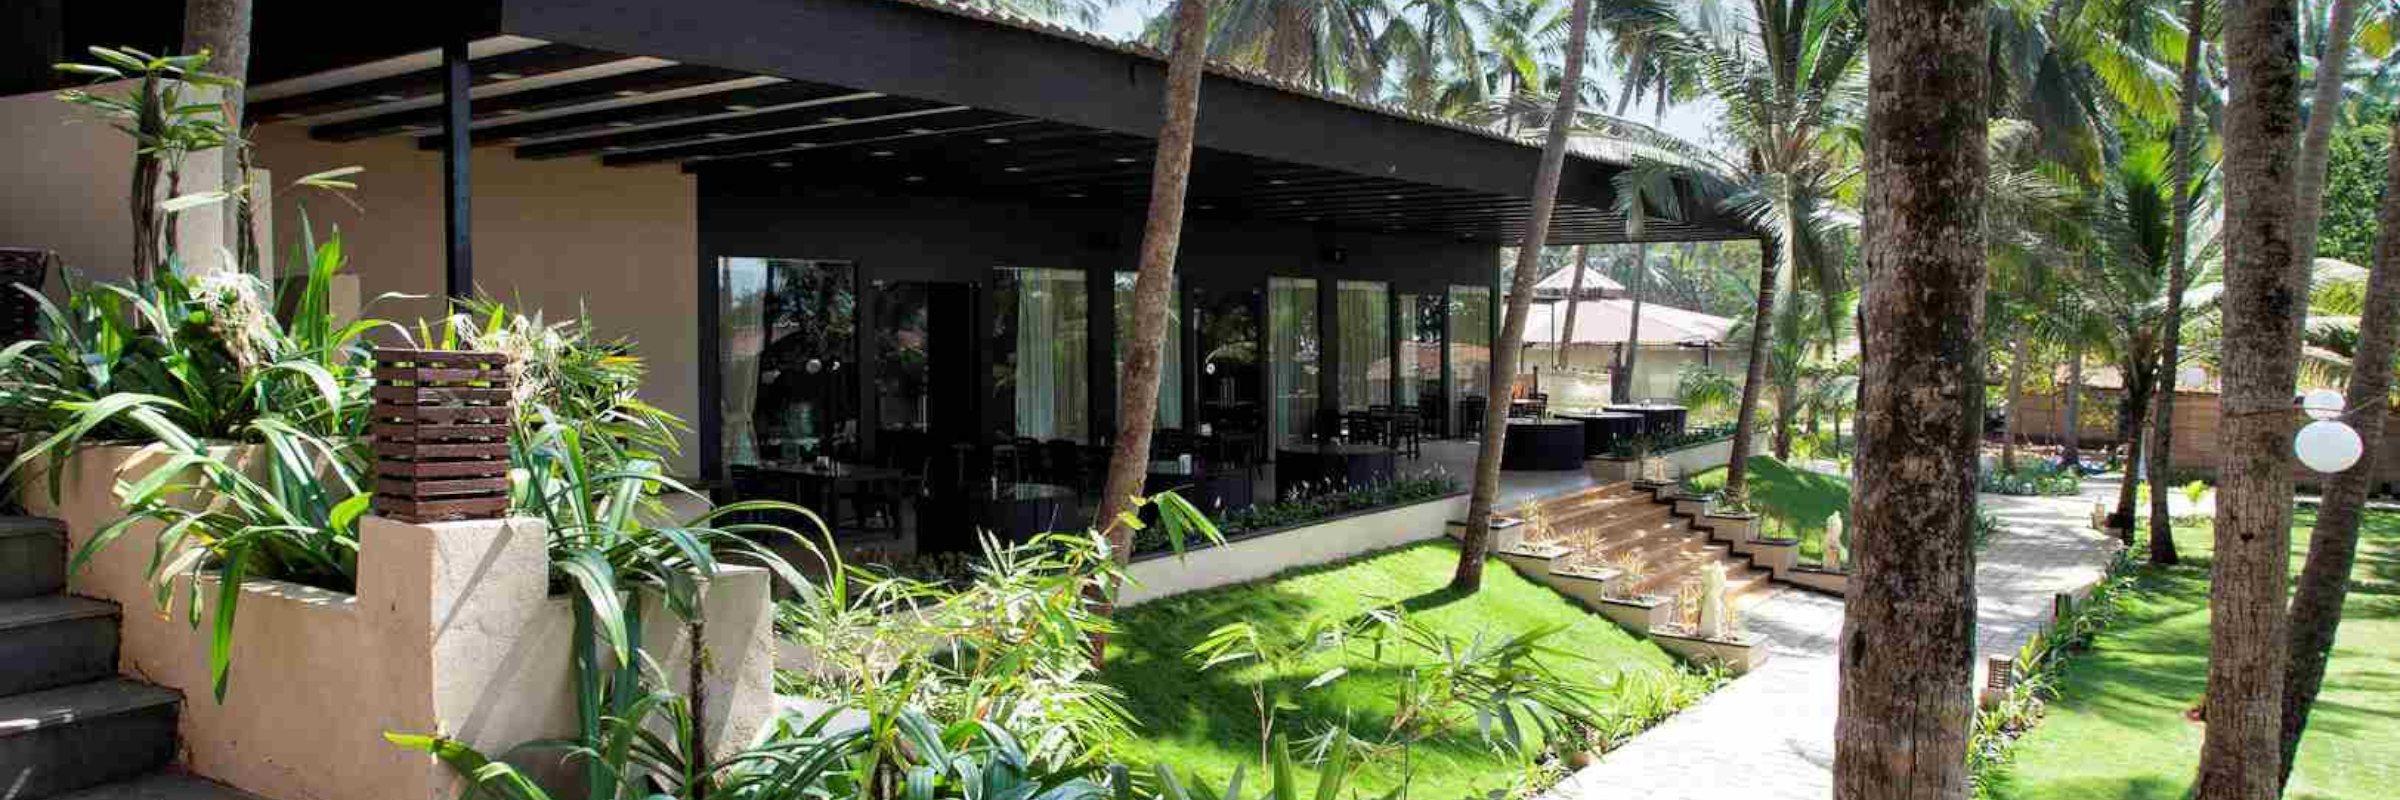 """Im modern eingerichteten Hotel-Restaurant """"Waterfront"""" werden im Innen- und Außenbereich sowohl westliche als auch indische Gerichte serviert."""